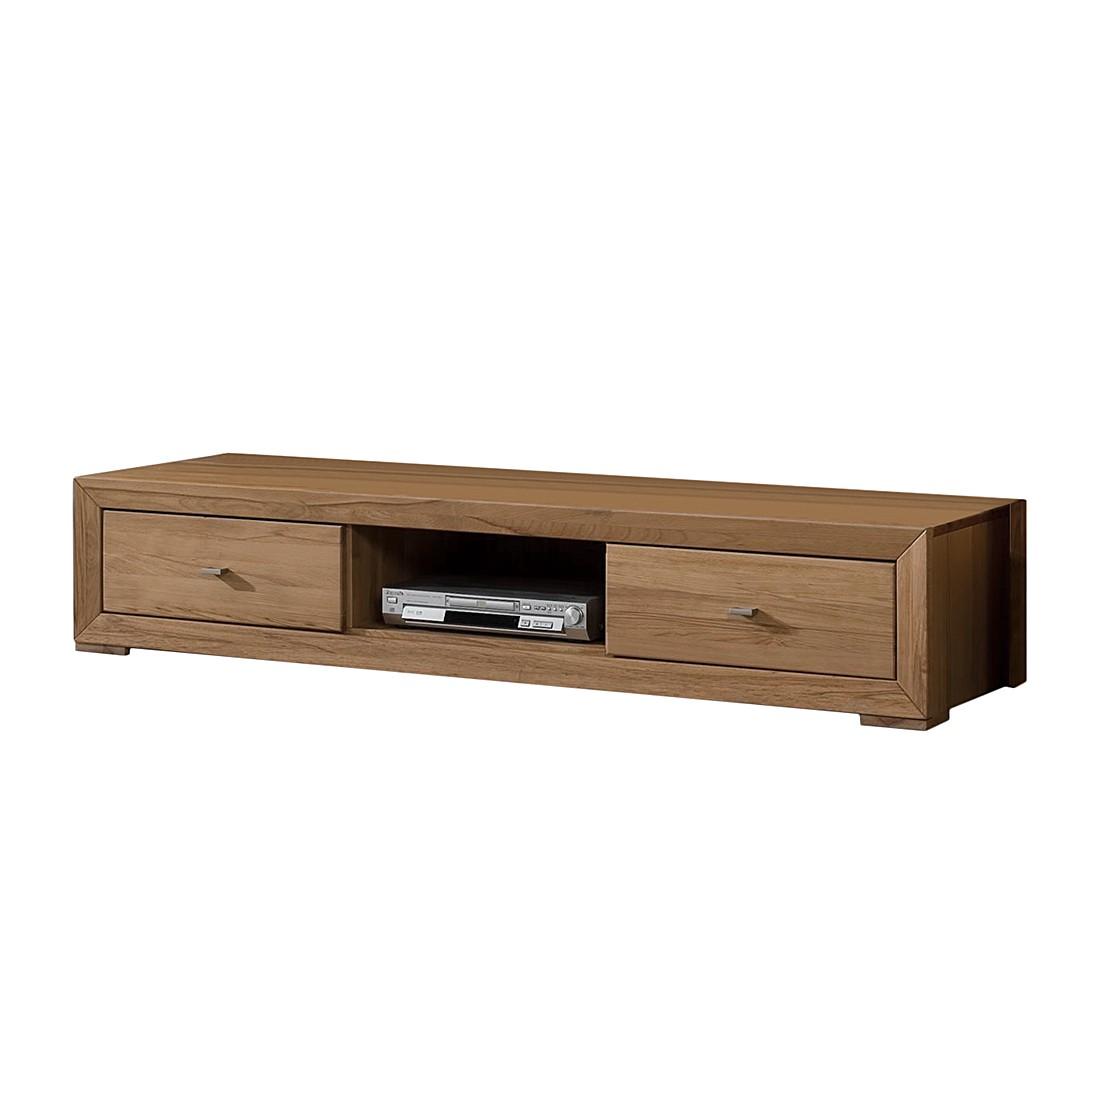 tv lowboard brandon ii wildeiche massiv ge lt jung. Black Bedroom Furniture Sets. Home Design Ideas